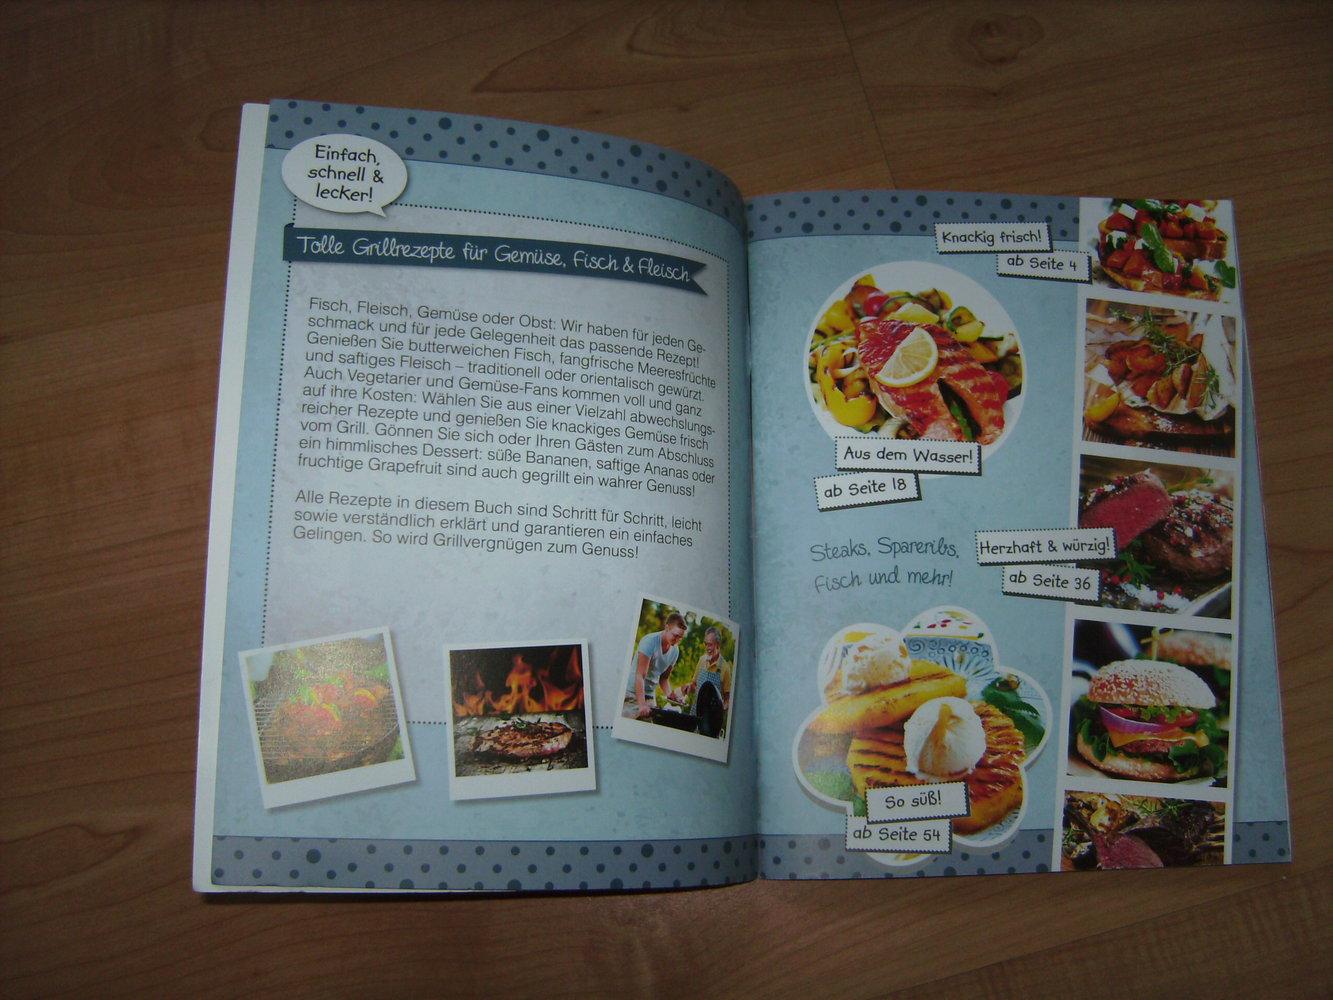 Sommerküche Outdoor : Neues aus der sommerküche newslichter gute nachrichten online